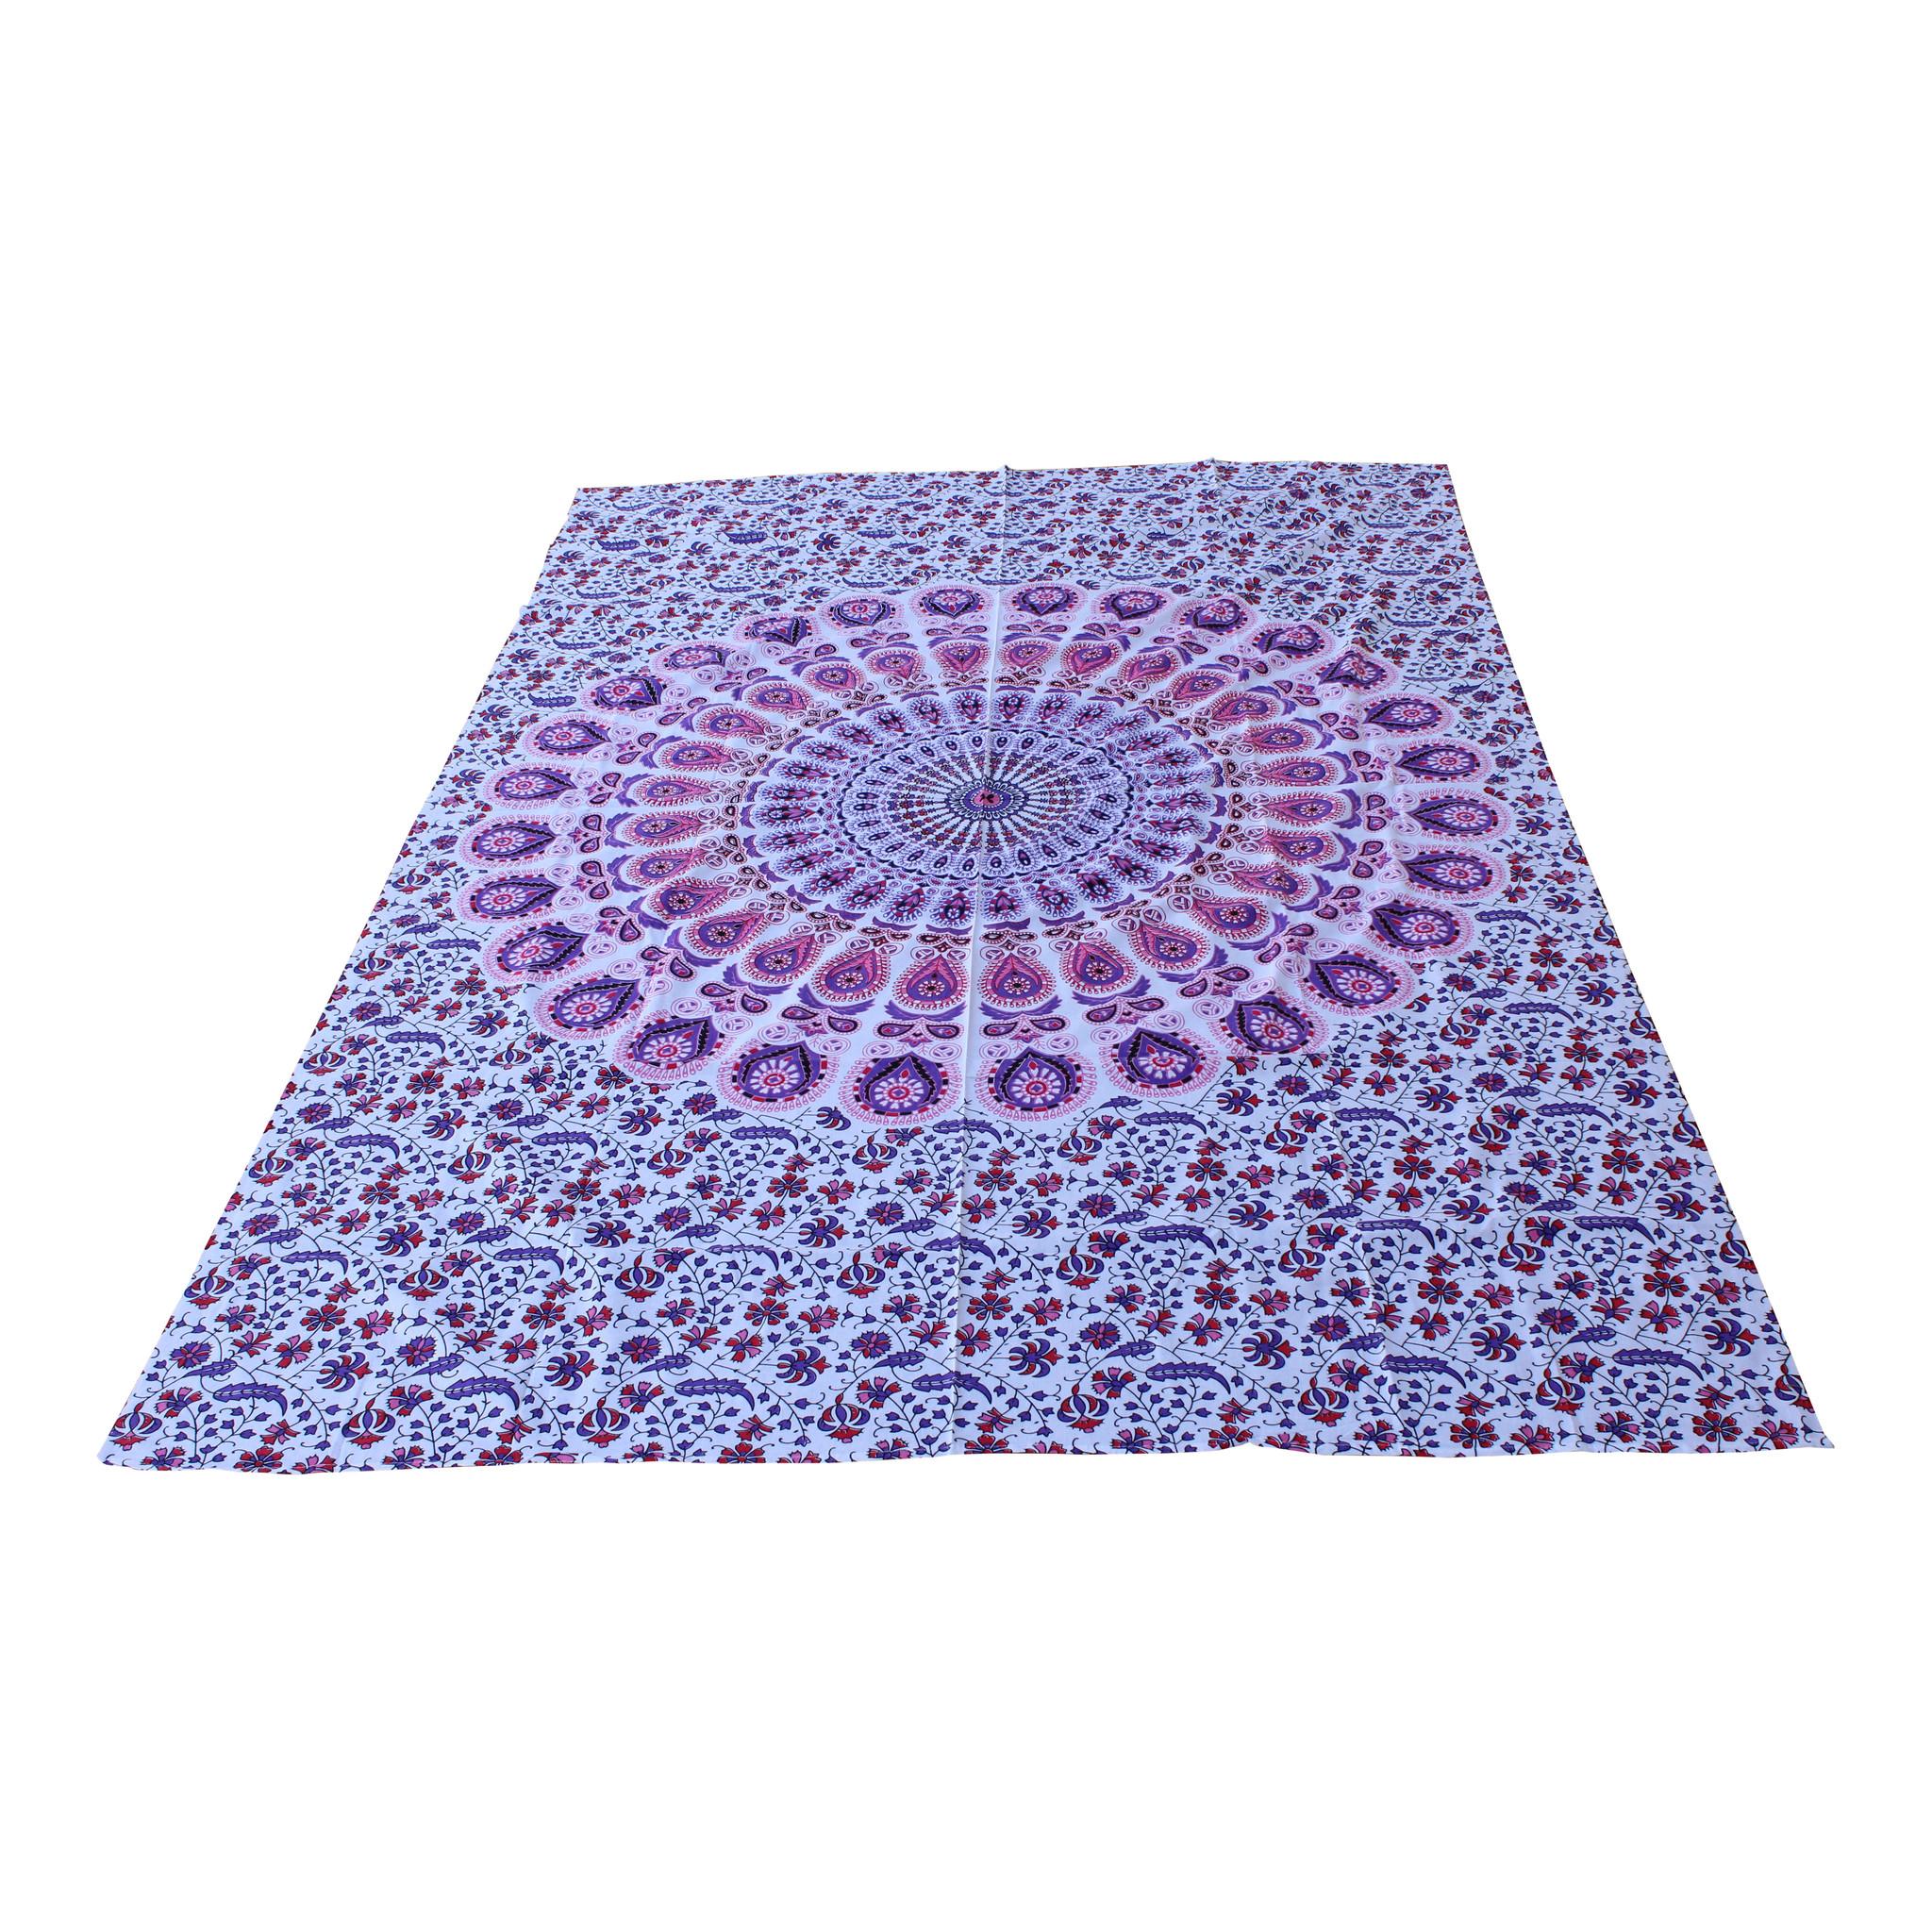 Myroundie Myroundie – roundie  - rechthoekig strandlaken – strandkleed - yoga kleed - picknickkleed - speelkleed - muurkleed - 100% katoen  - 140 x 210 cm - 810